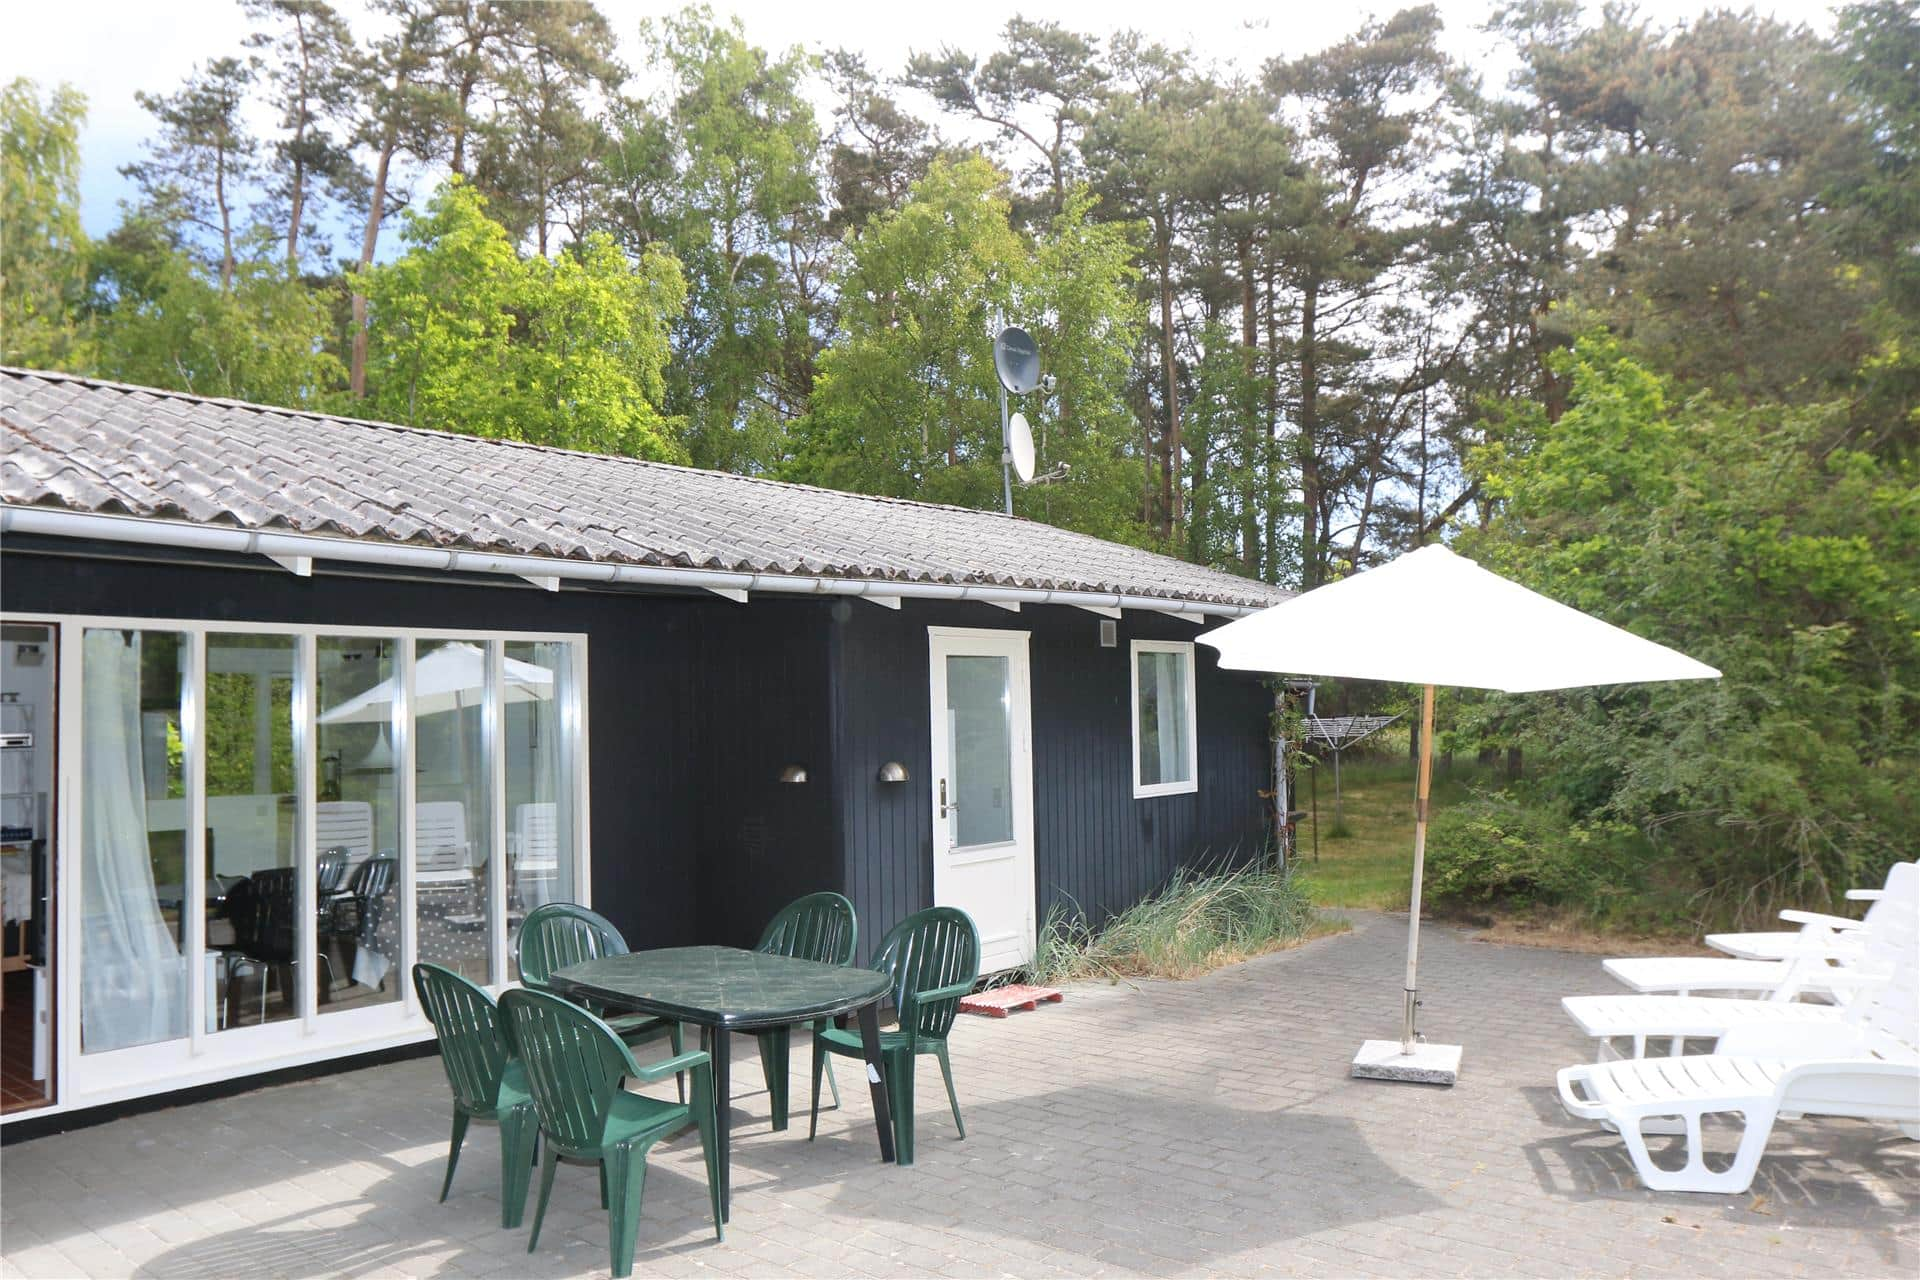 Bilde 1-10 Feirehus 1401, Fyrrebakken 13, DK - 3720 Aakirkeby